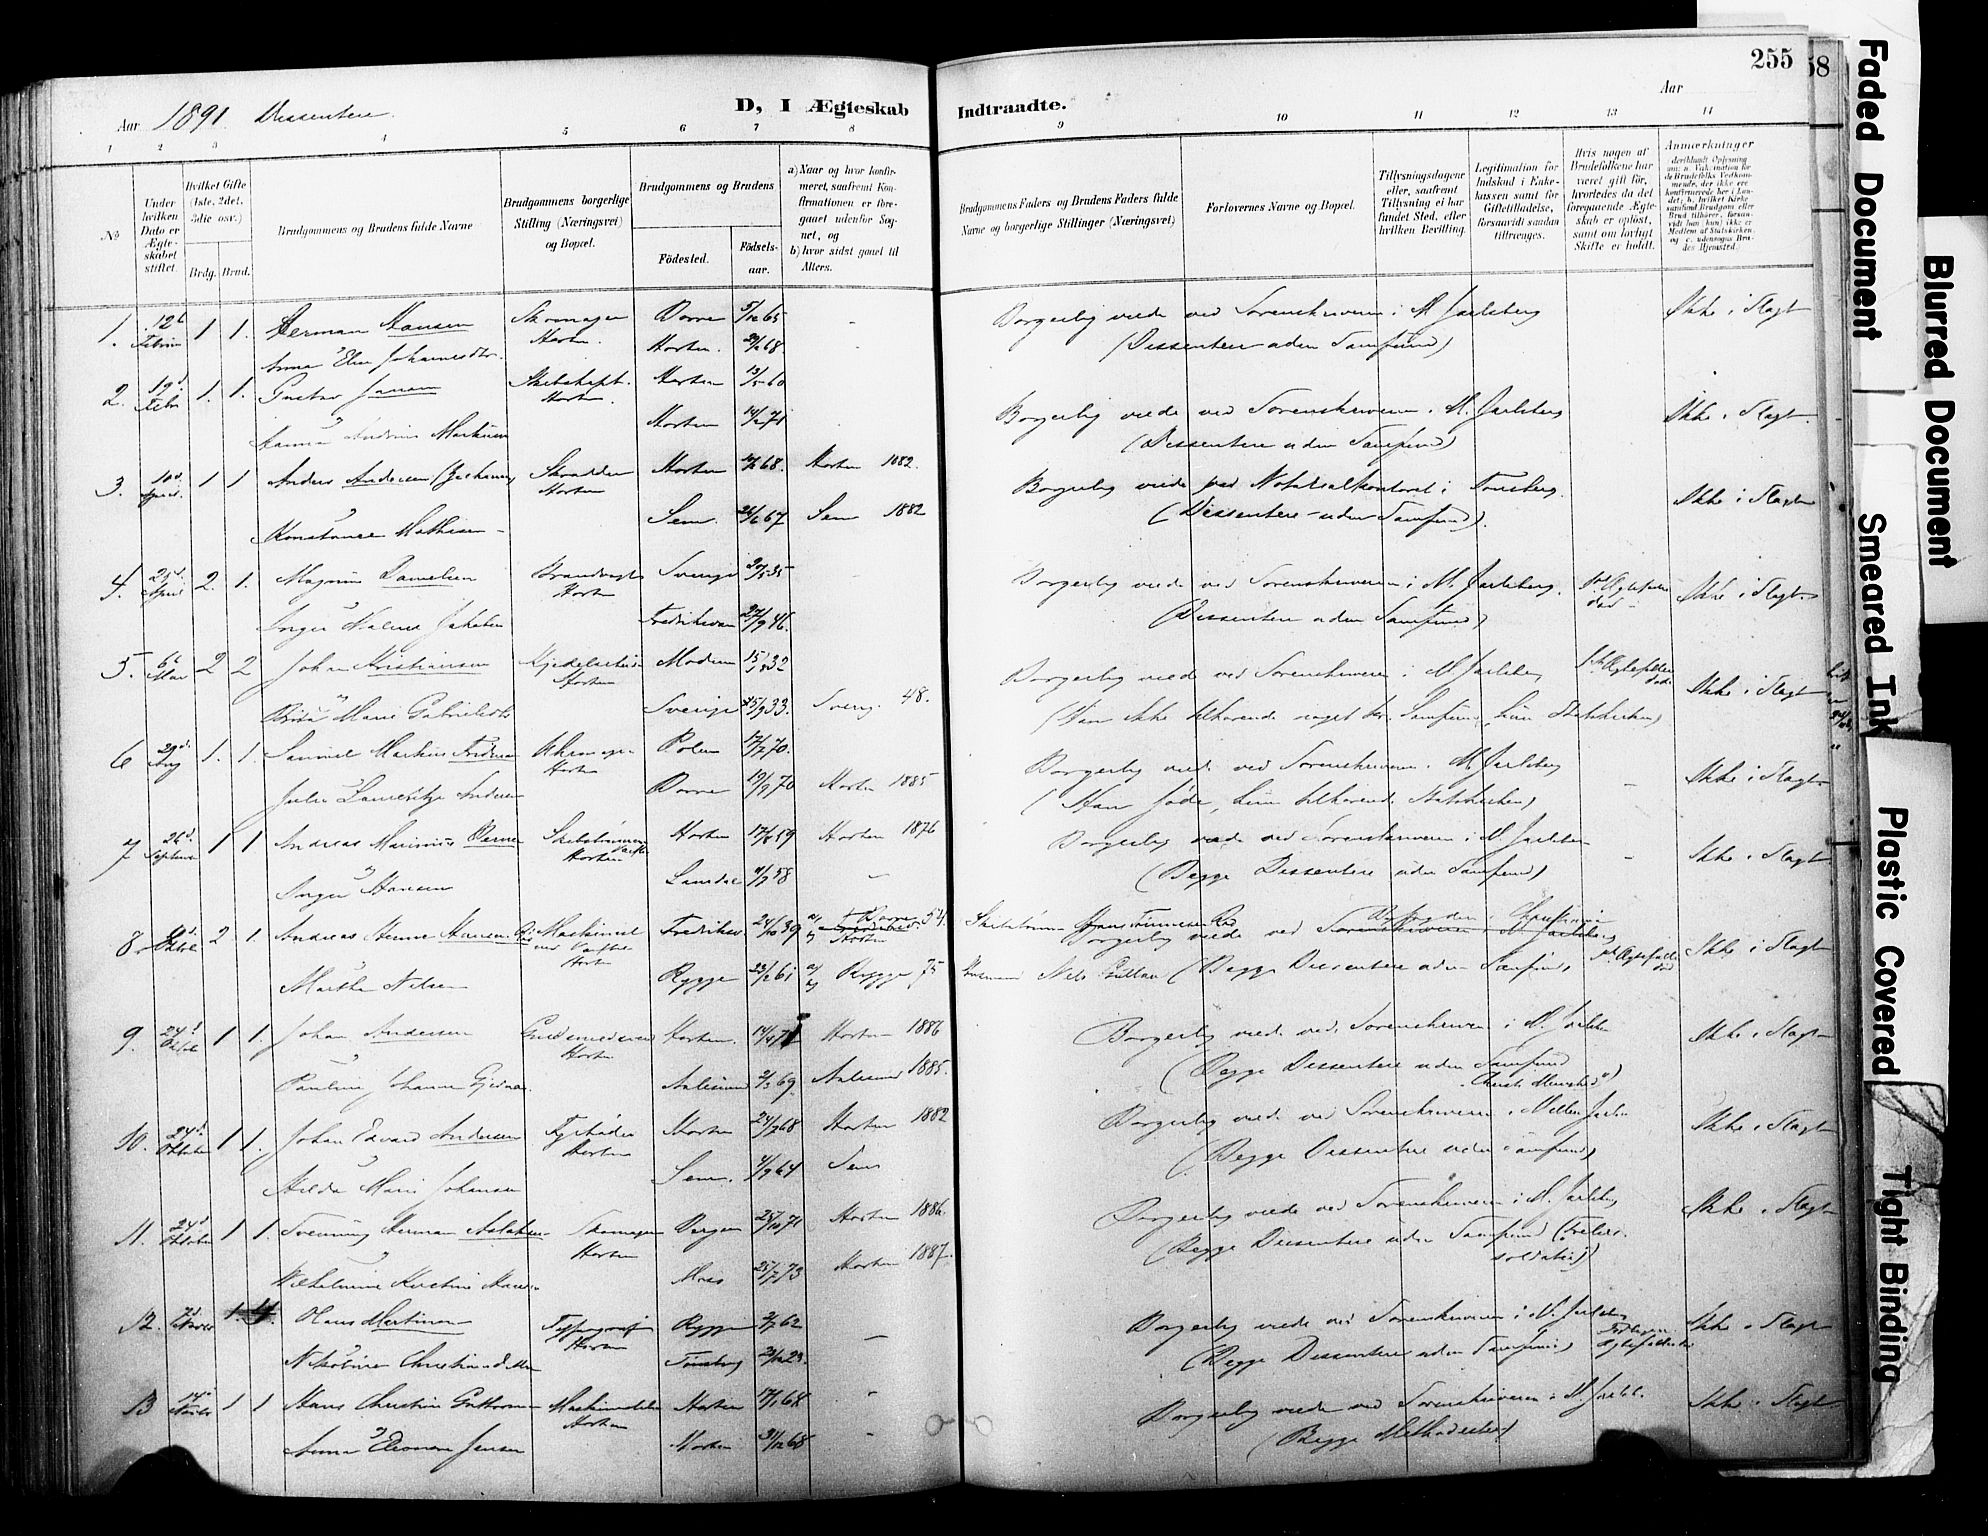 SAKO, Horten kirkebøker, F/Fa/L0004: Ministerialbok nr. 4, 1888-1895, s. 255